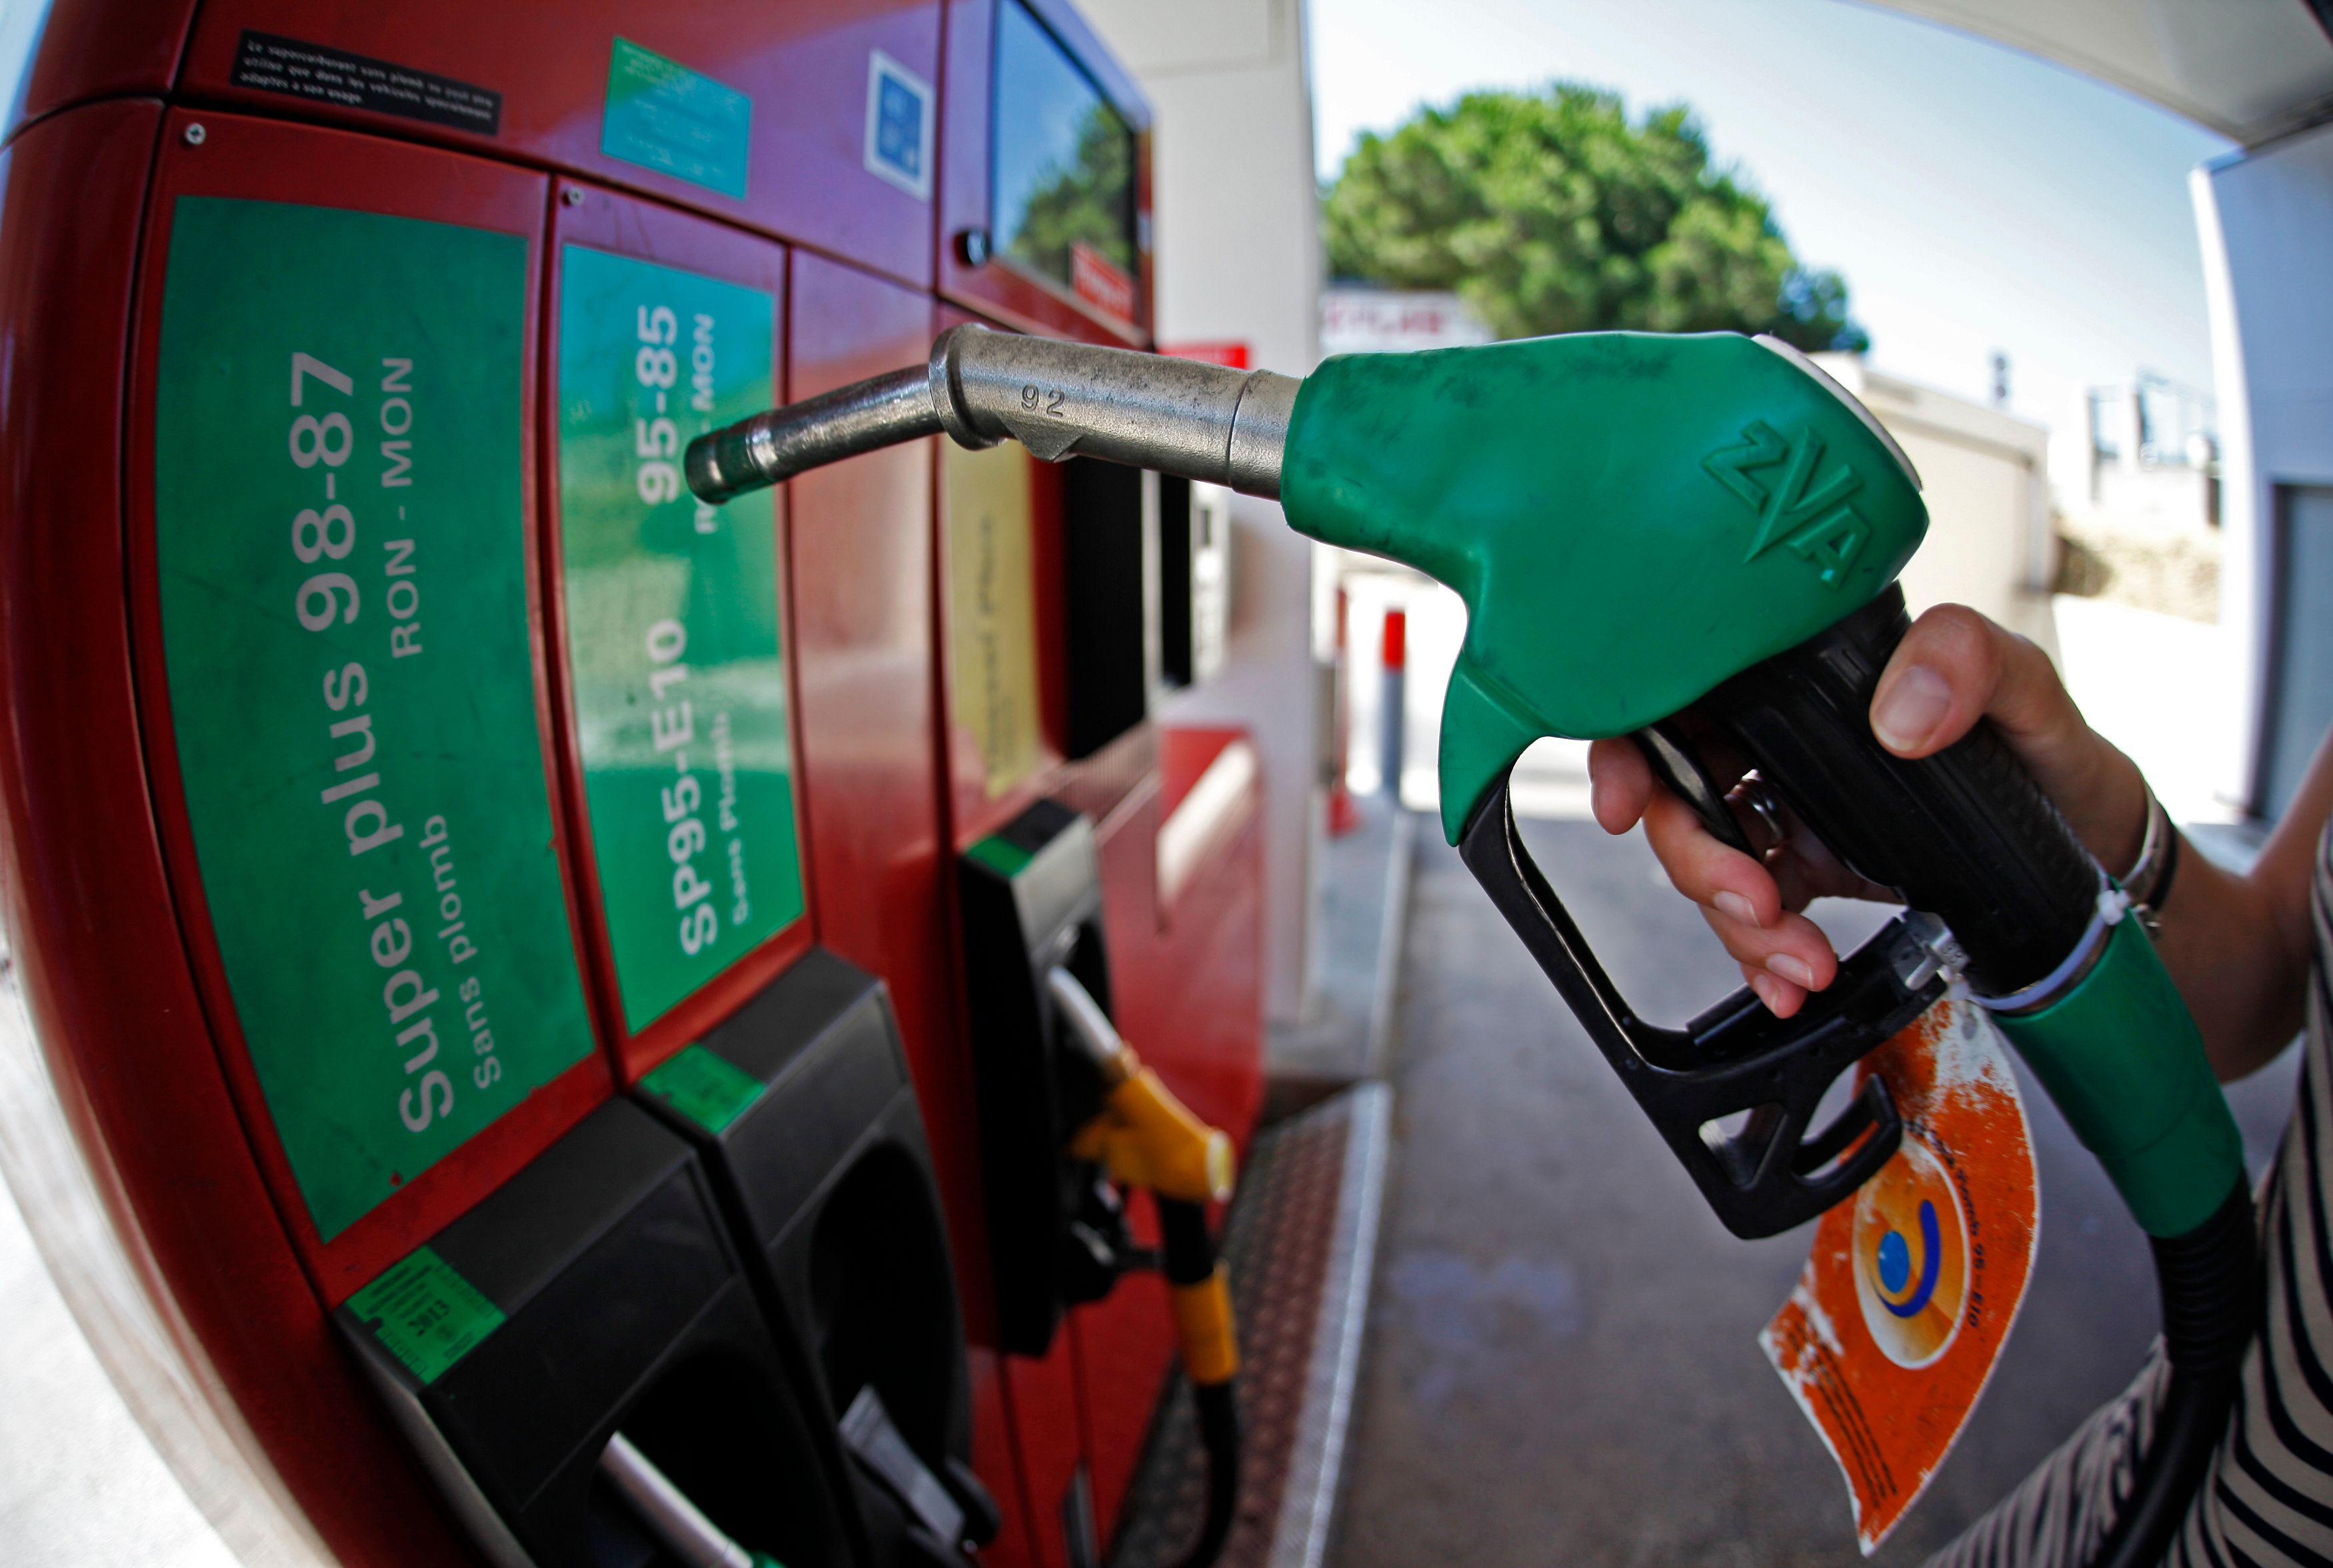 Le chiffre : 1,31 euros, le prix du gazole au plus bas depuis deux ans